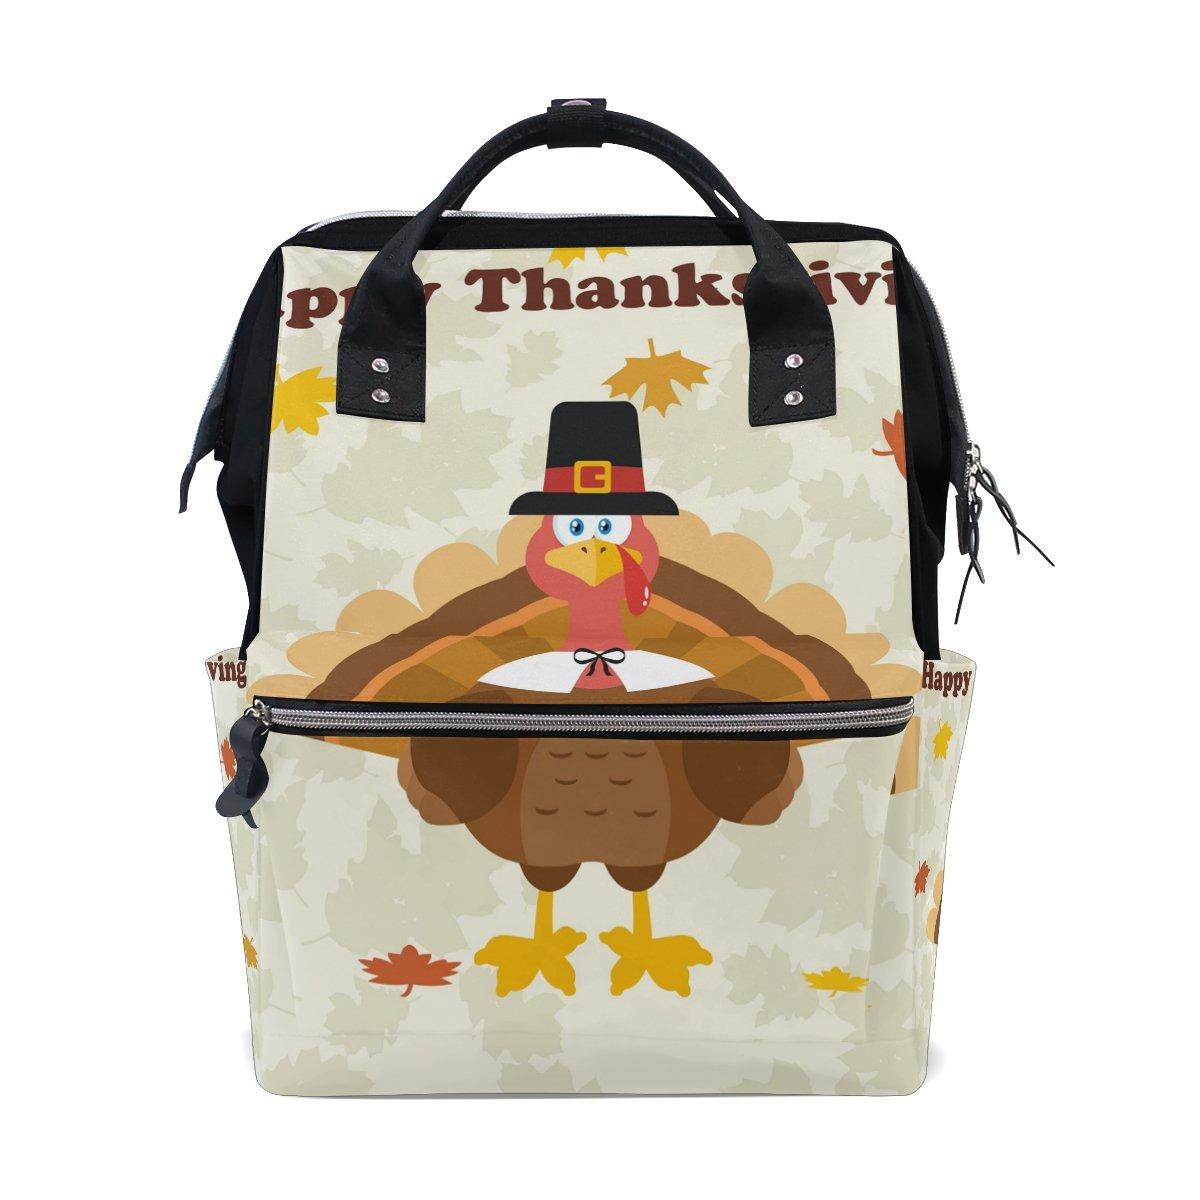 JSTeLノートパソコンカレッジバッグ学生旅行感謝祭トルコ鳥学校バックパックショルダートートバッグ   B078N4RV8R